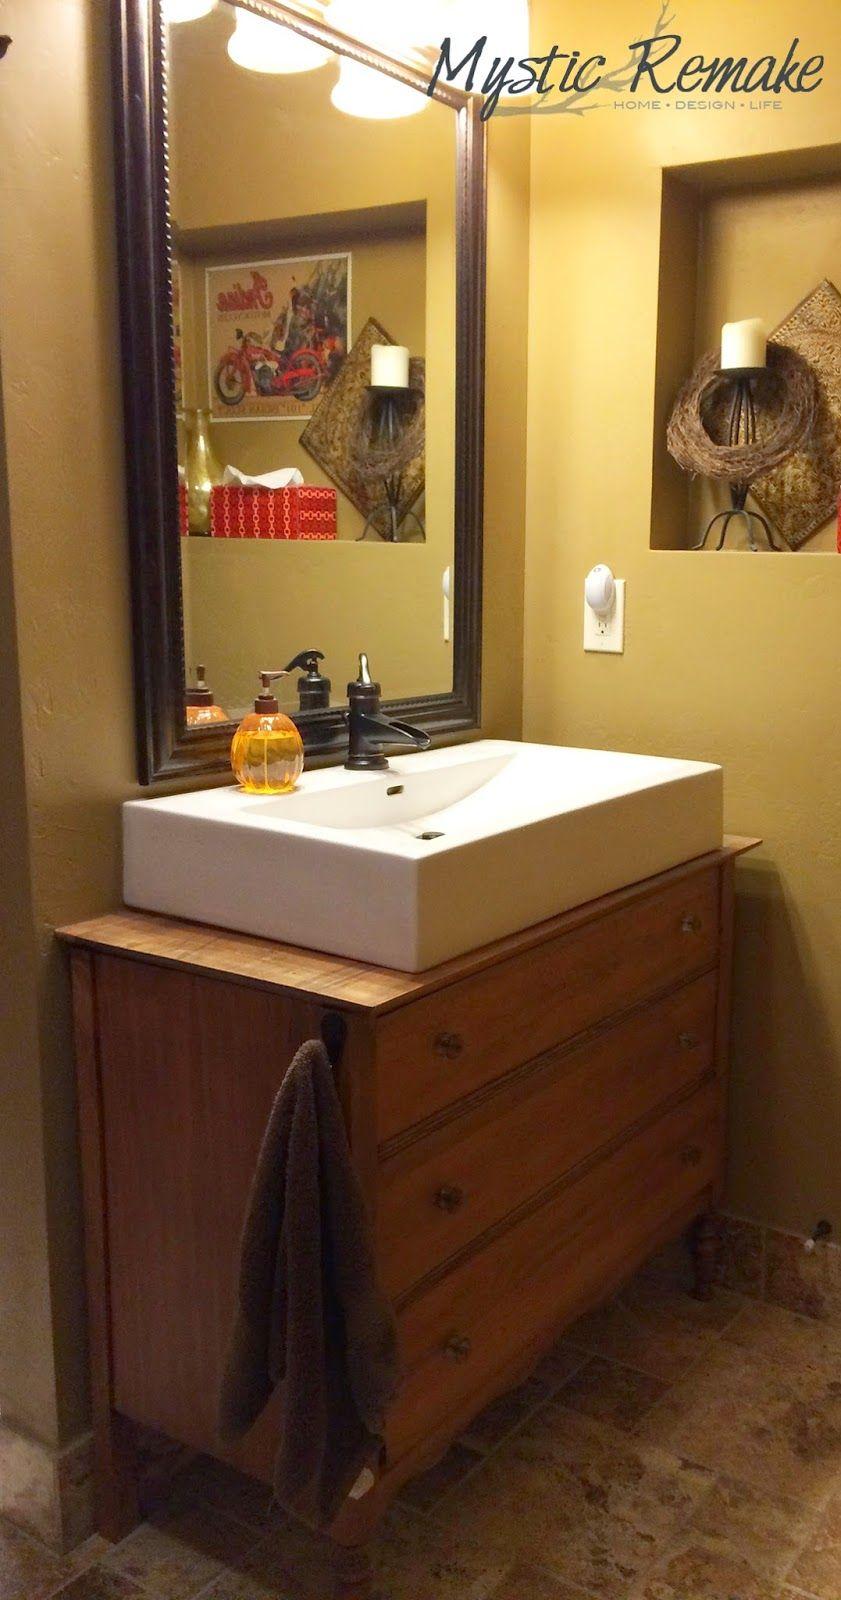 Upcycled Dresser Vanity Bathroom Sink